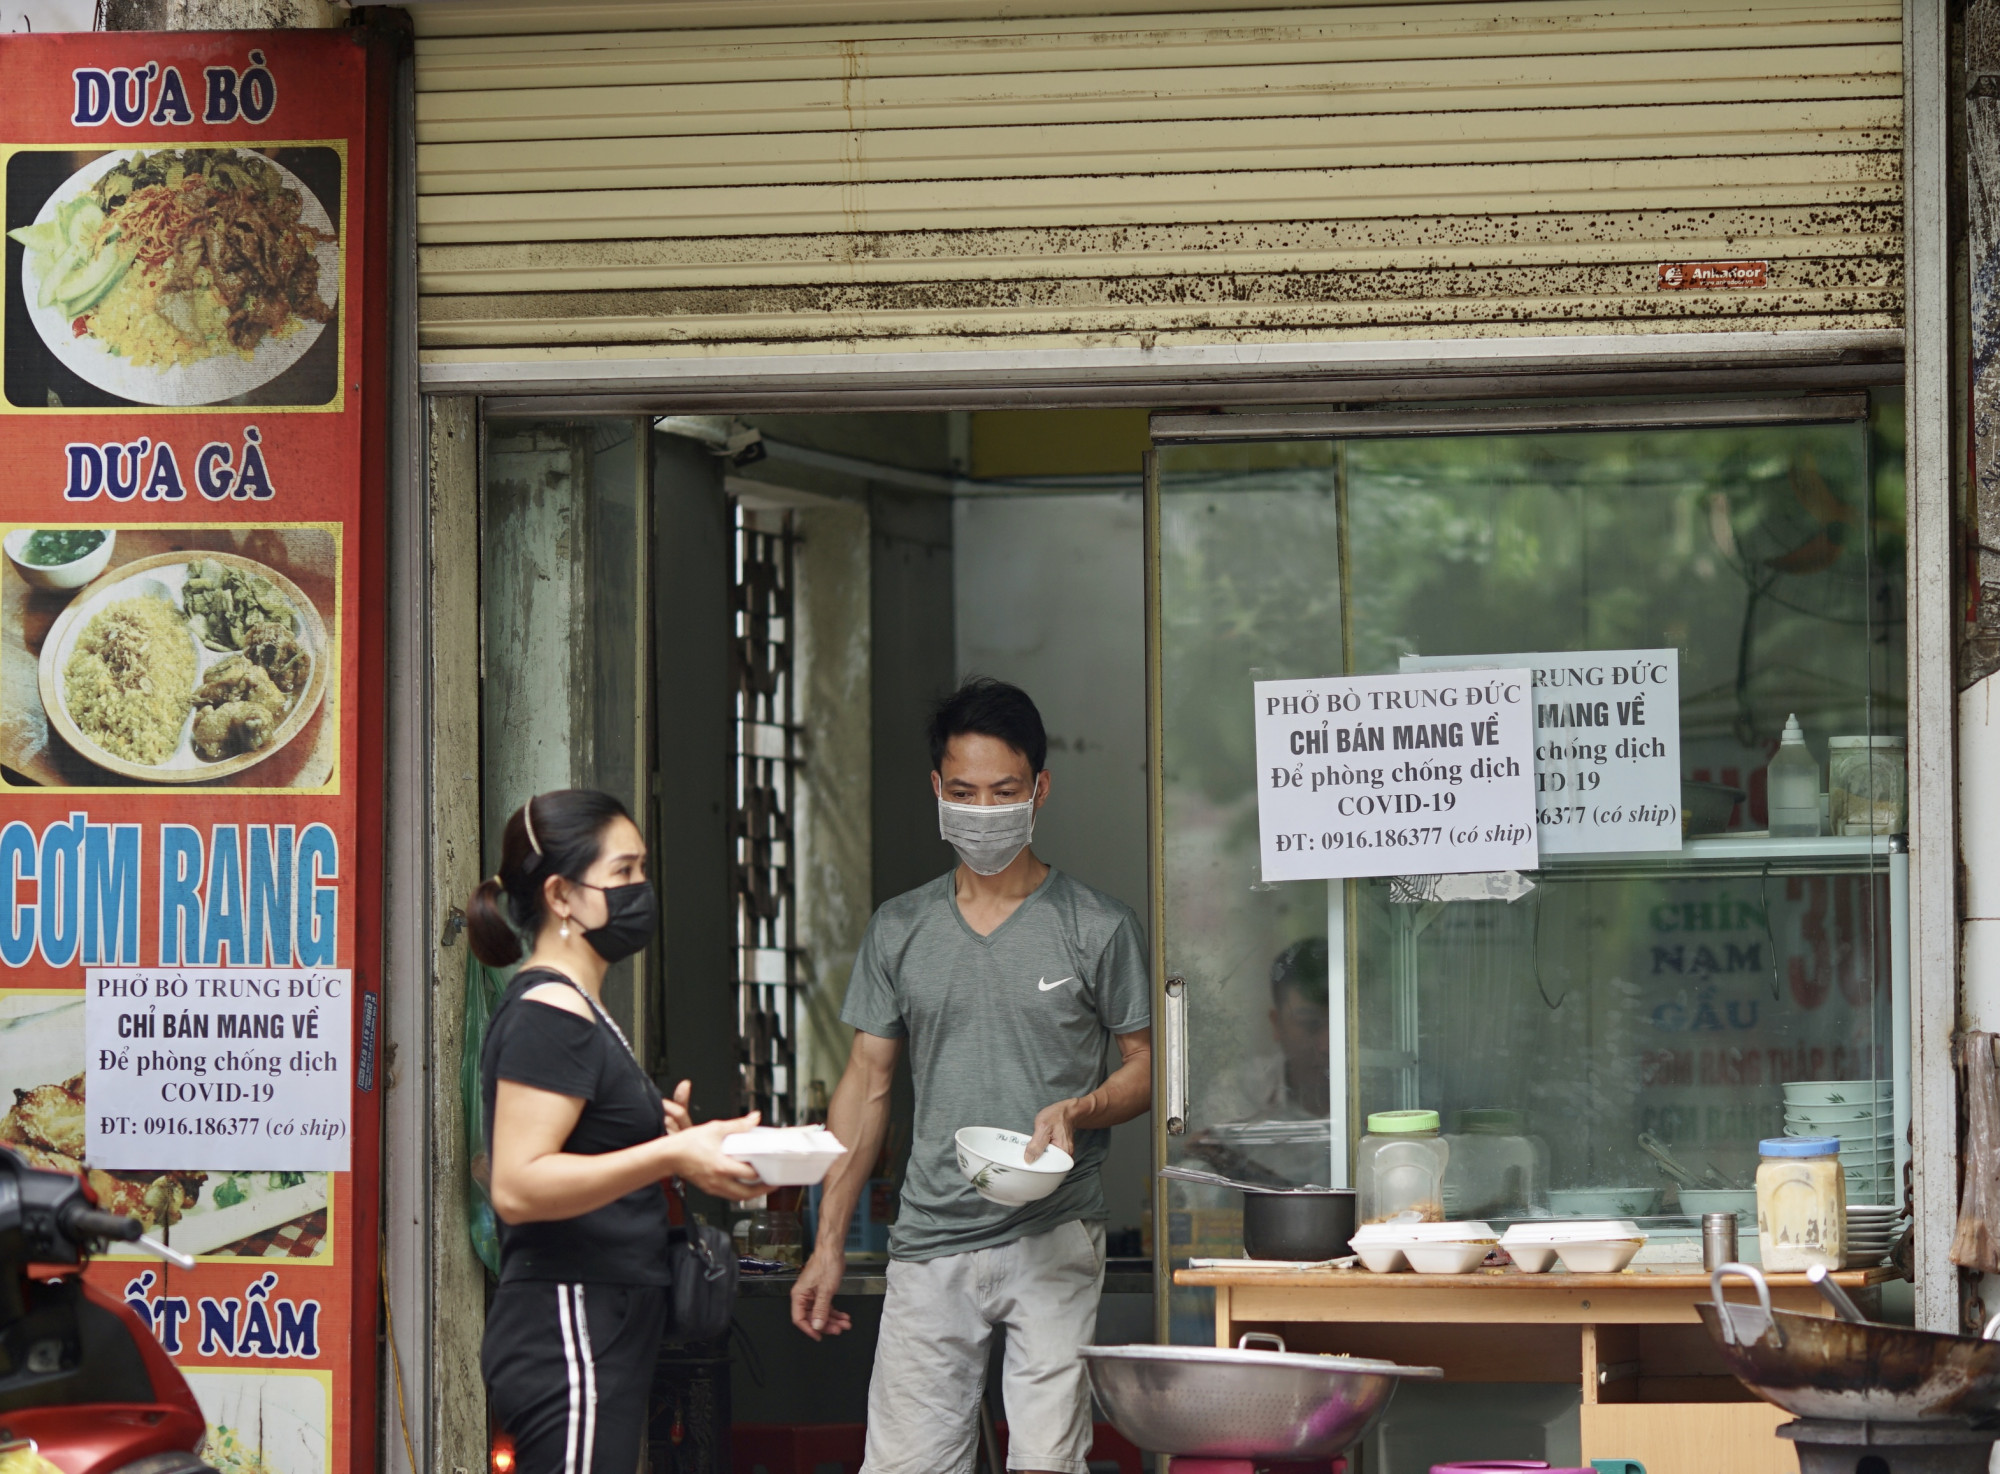 Theo chỉ thị mới nhất của Hà Nội, những quán ăn uống chỉ được bán mang về.